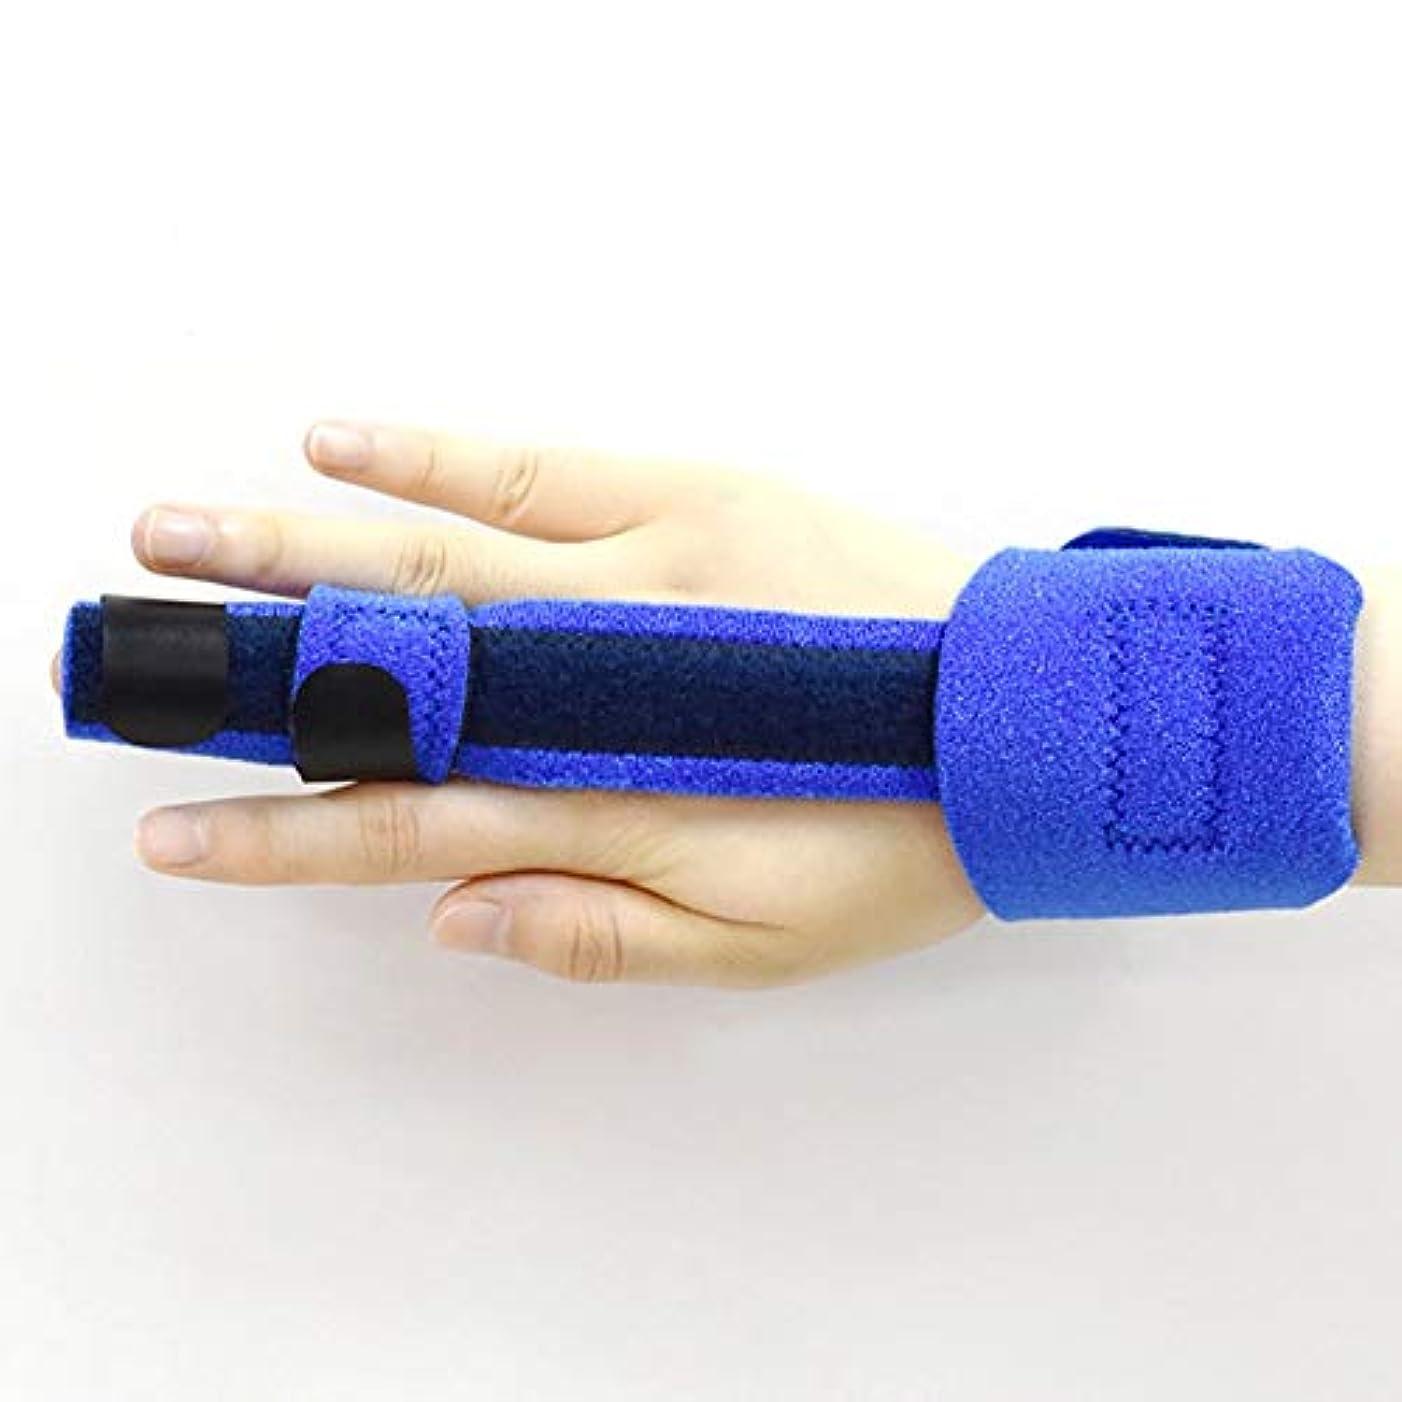 生態学つぼみ相反する指ストレイテナー無限のサポート可鍛性フィンガースプリント - 壊れたのトリガースプリント、マレットブレースは痛み、指や手首を和らげます